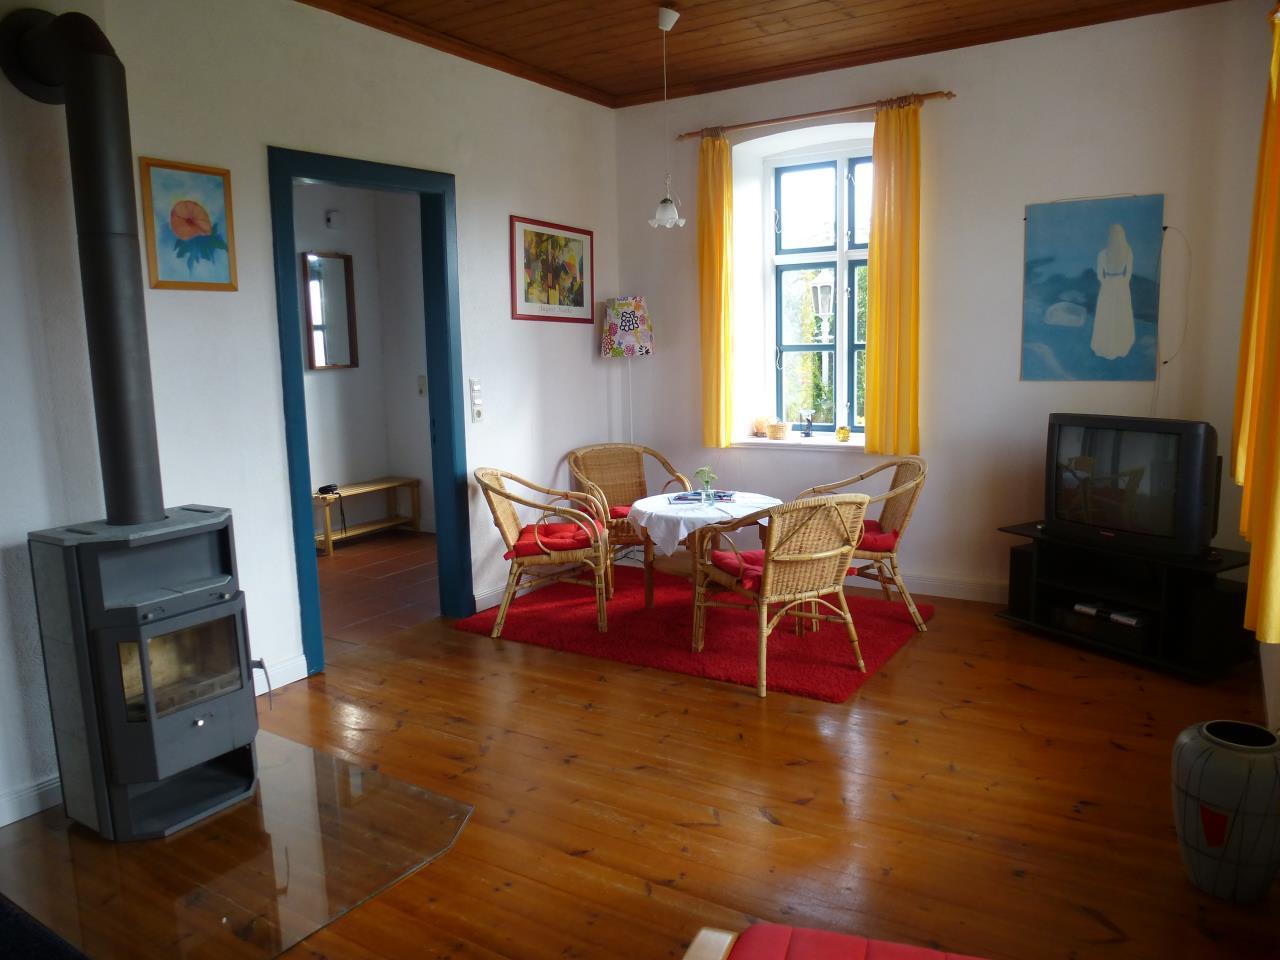 wohnzimmer kamin fernseher ihr traumhaus ideen. Black Bedroom Furniture Sets. Home Design Ideas